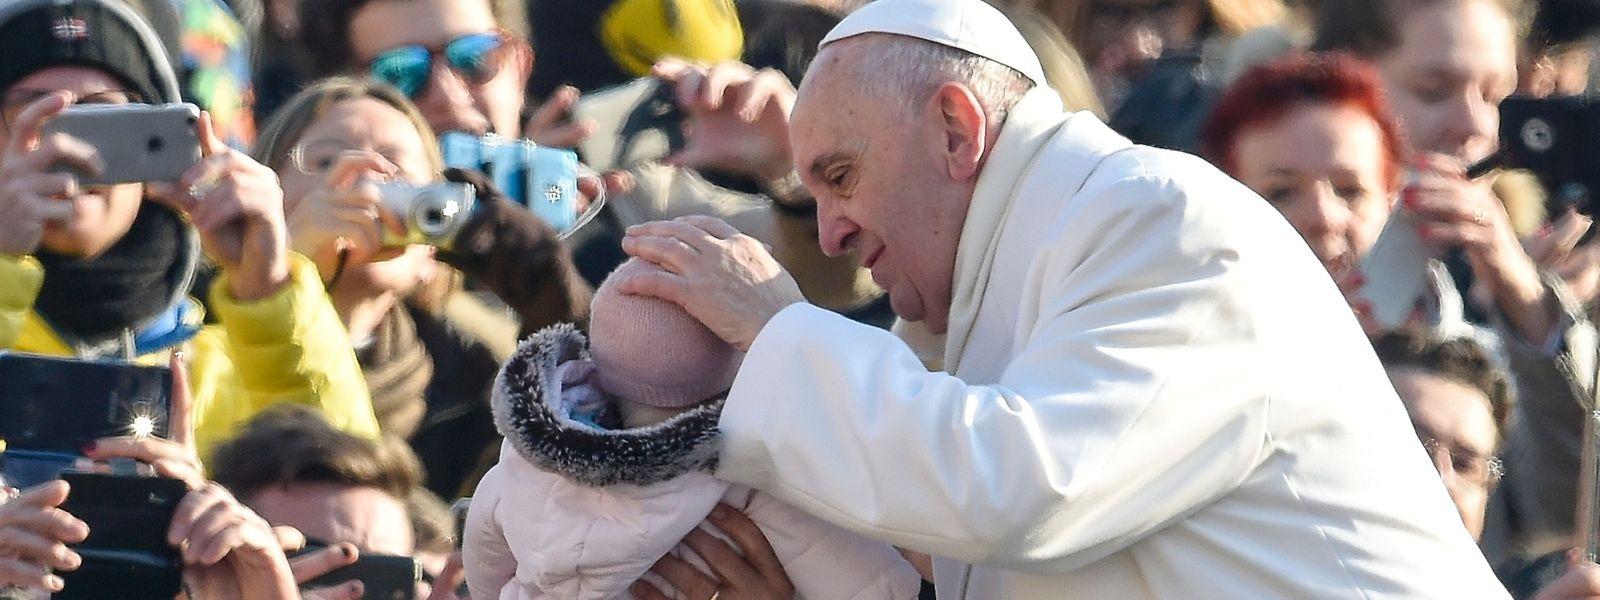 Papst Franziskus während der Generalaudienz am 30. Dezember auf dem Petersplatz in Rom.